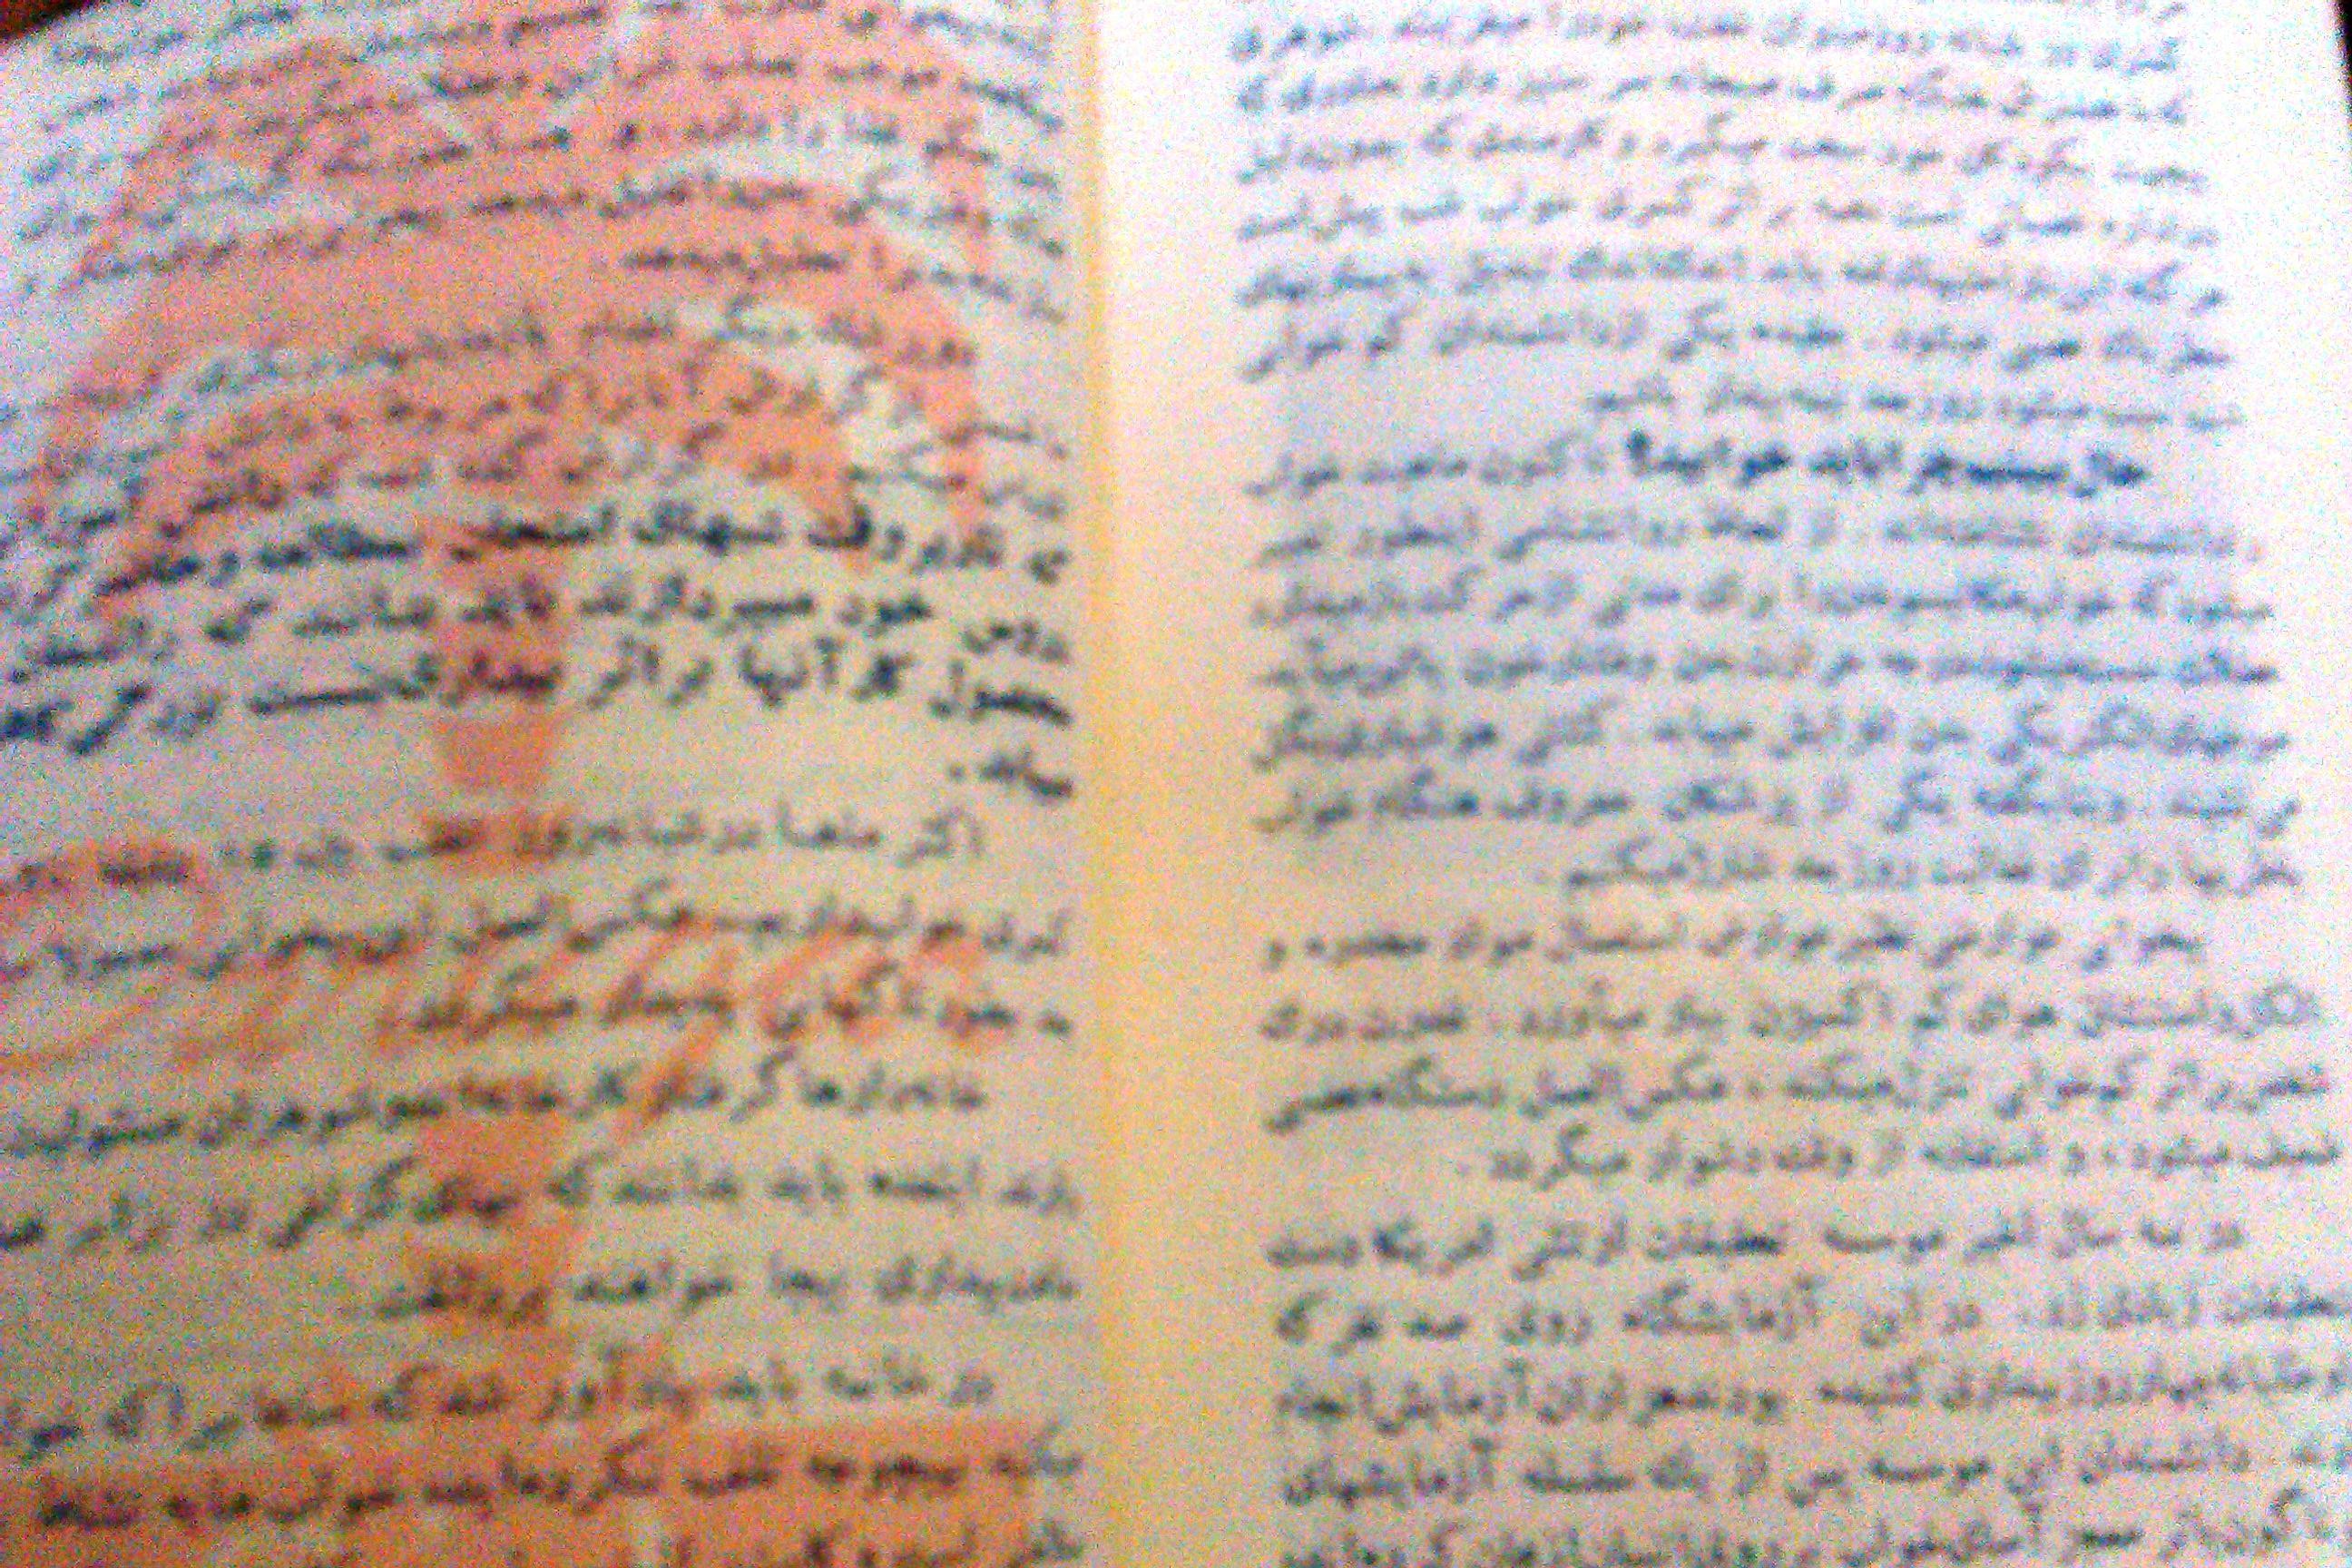 کتابچه تاریخی داروگر 1